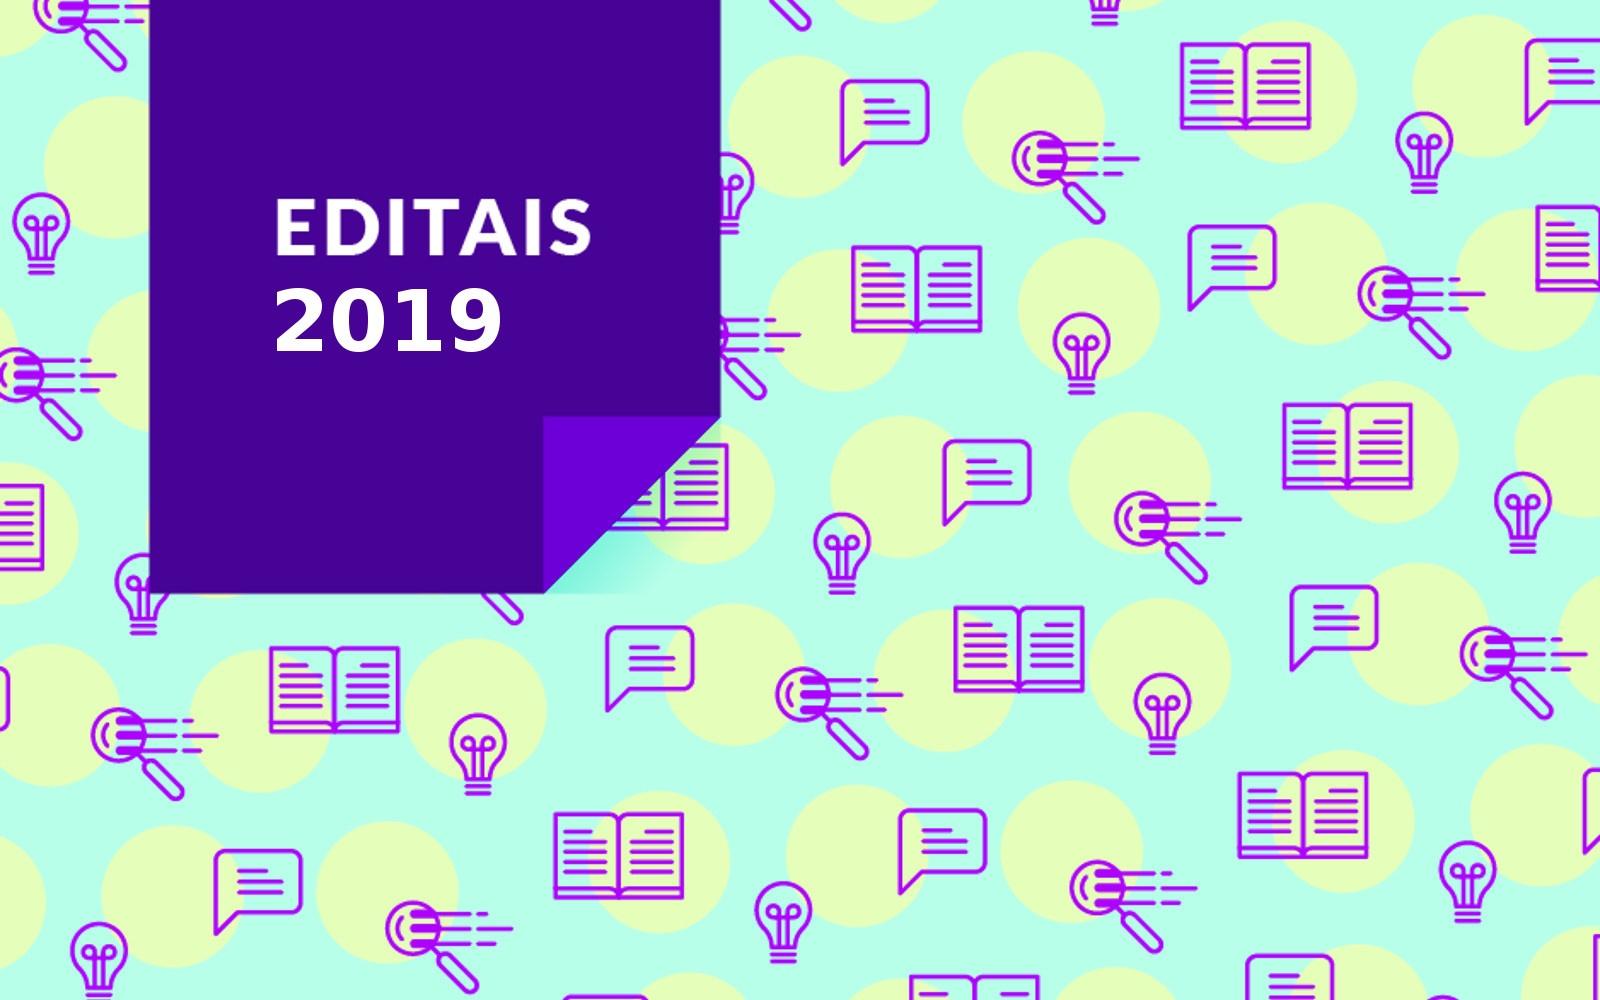 Editais 2019 para produtores de eventos culturais